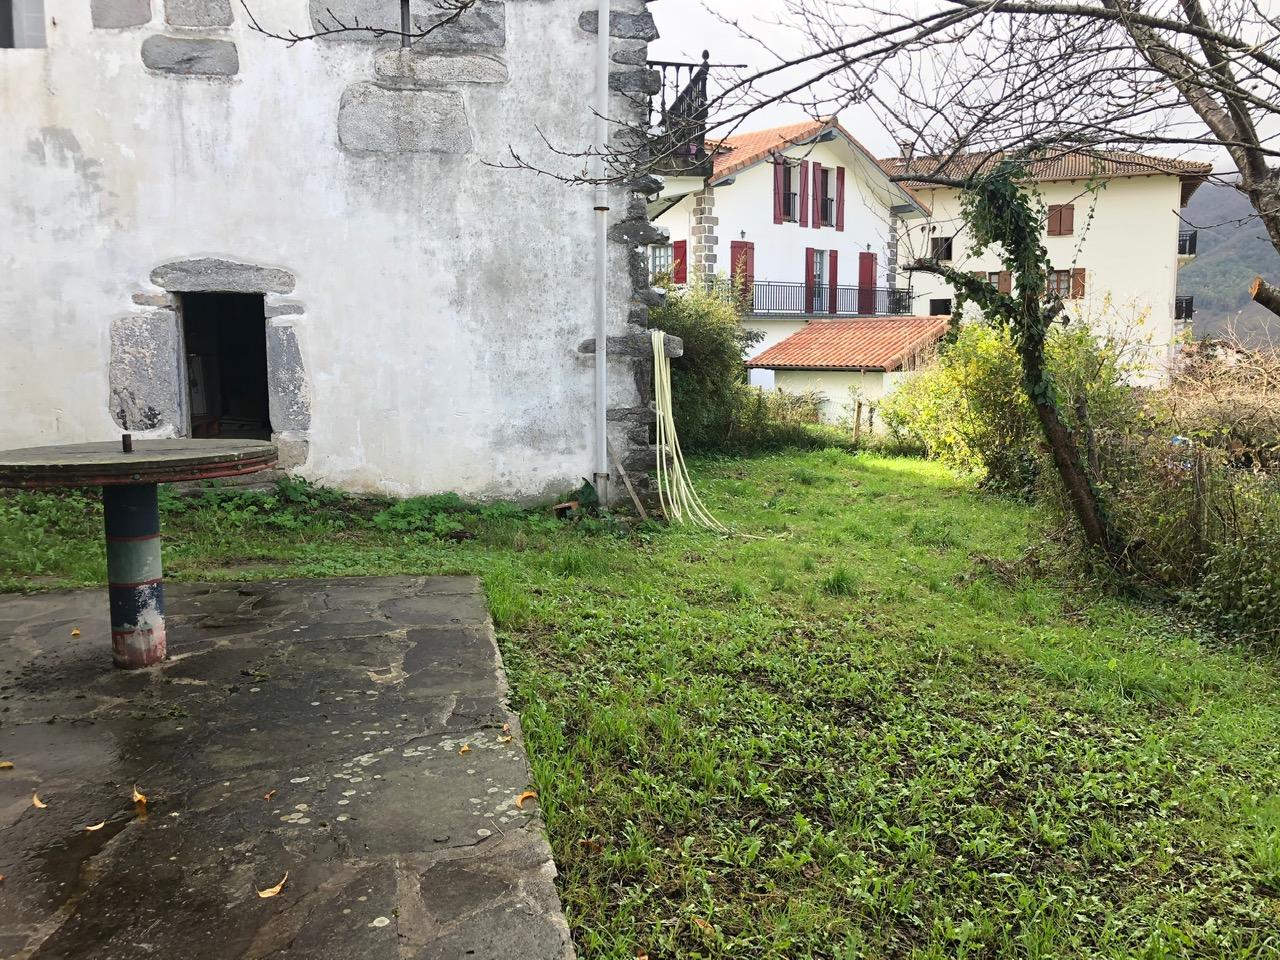 en Arantza! Navarra,A 33 minutos de Irun, ideal para desconectar, entorno rural, te gustara!!Informate!!